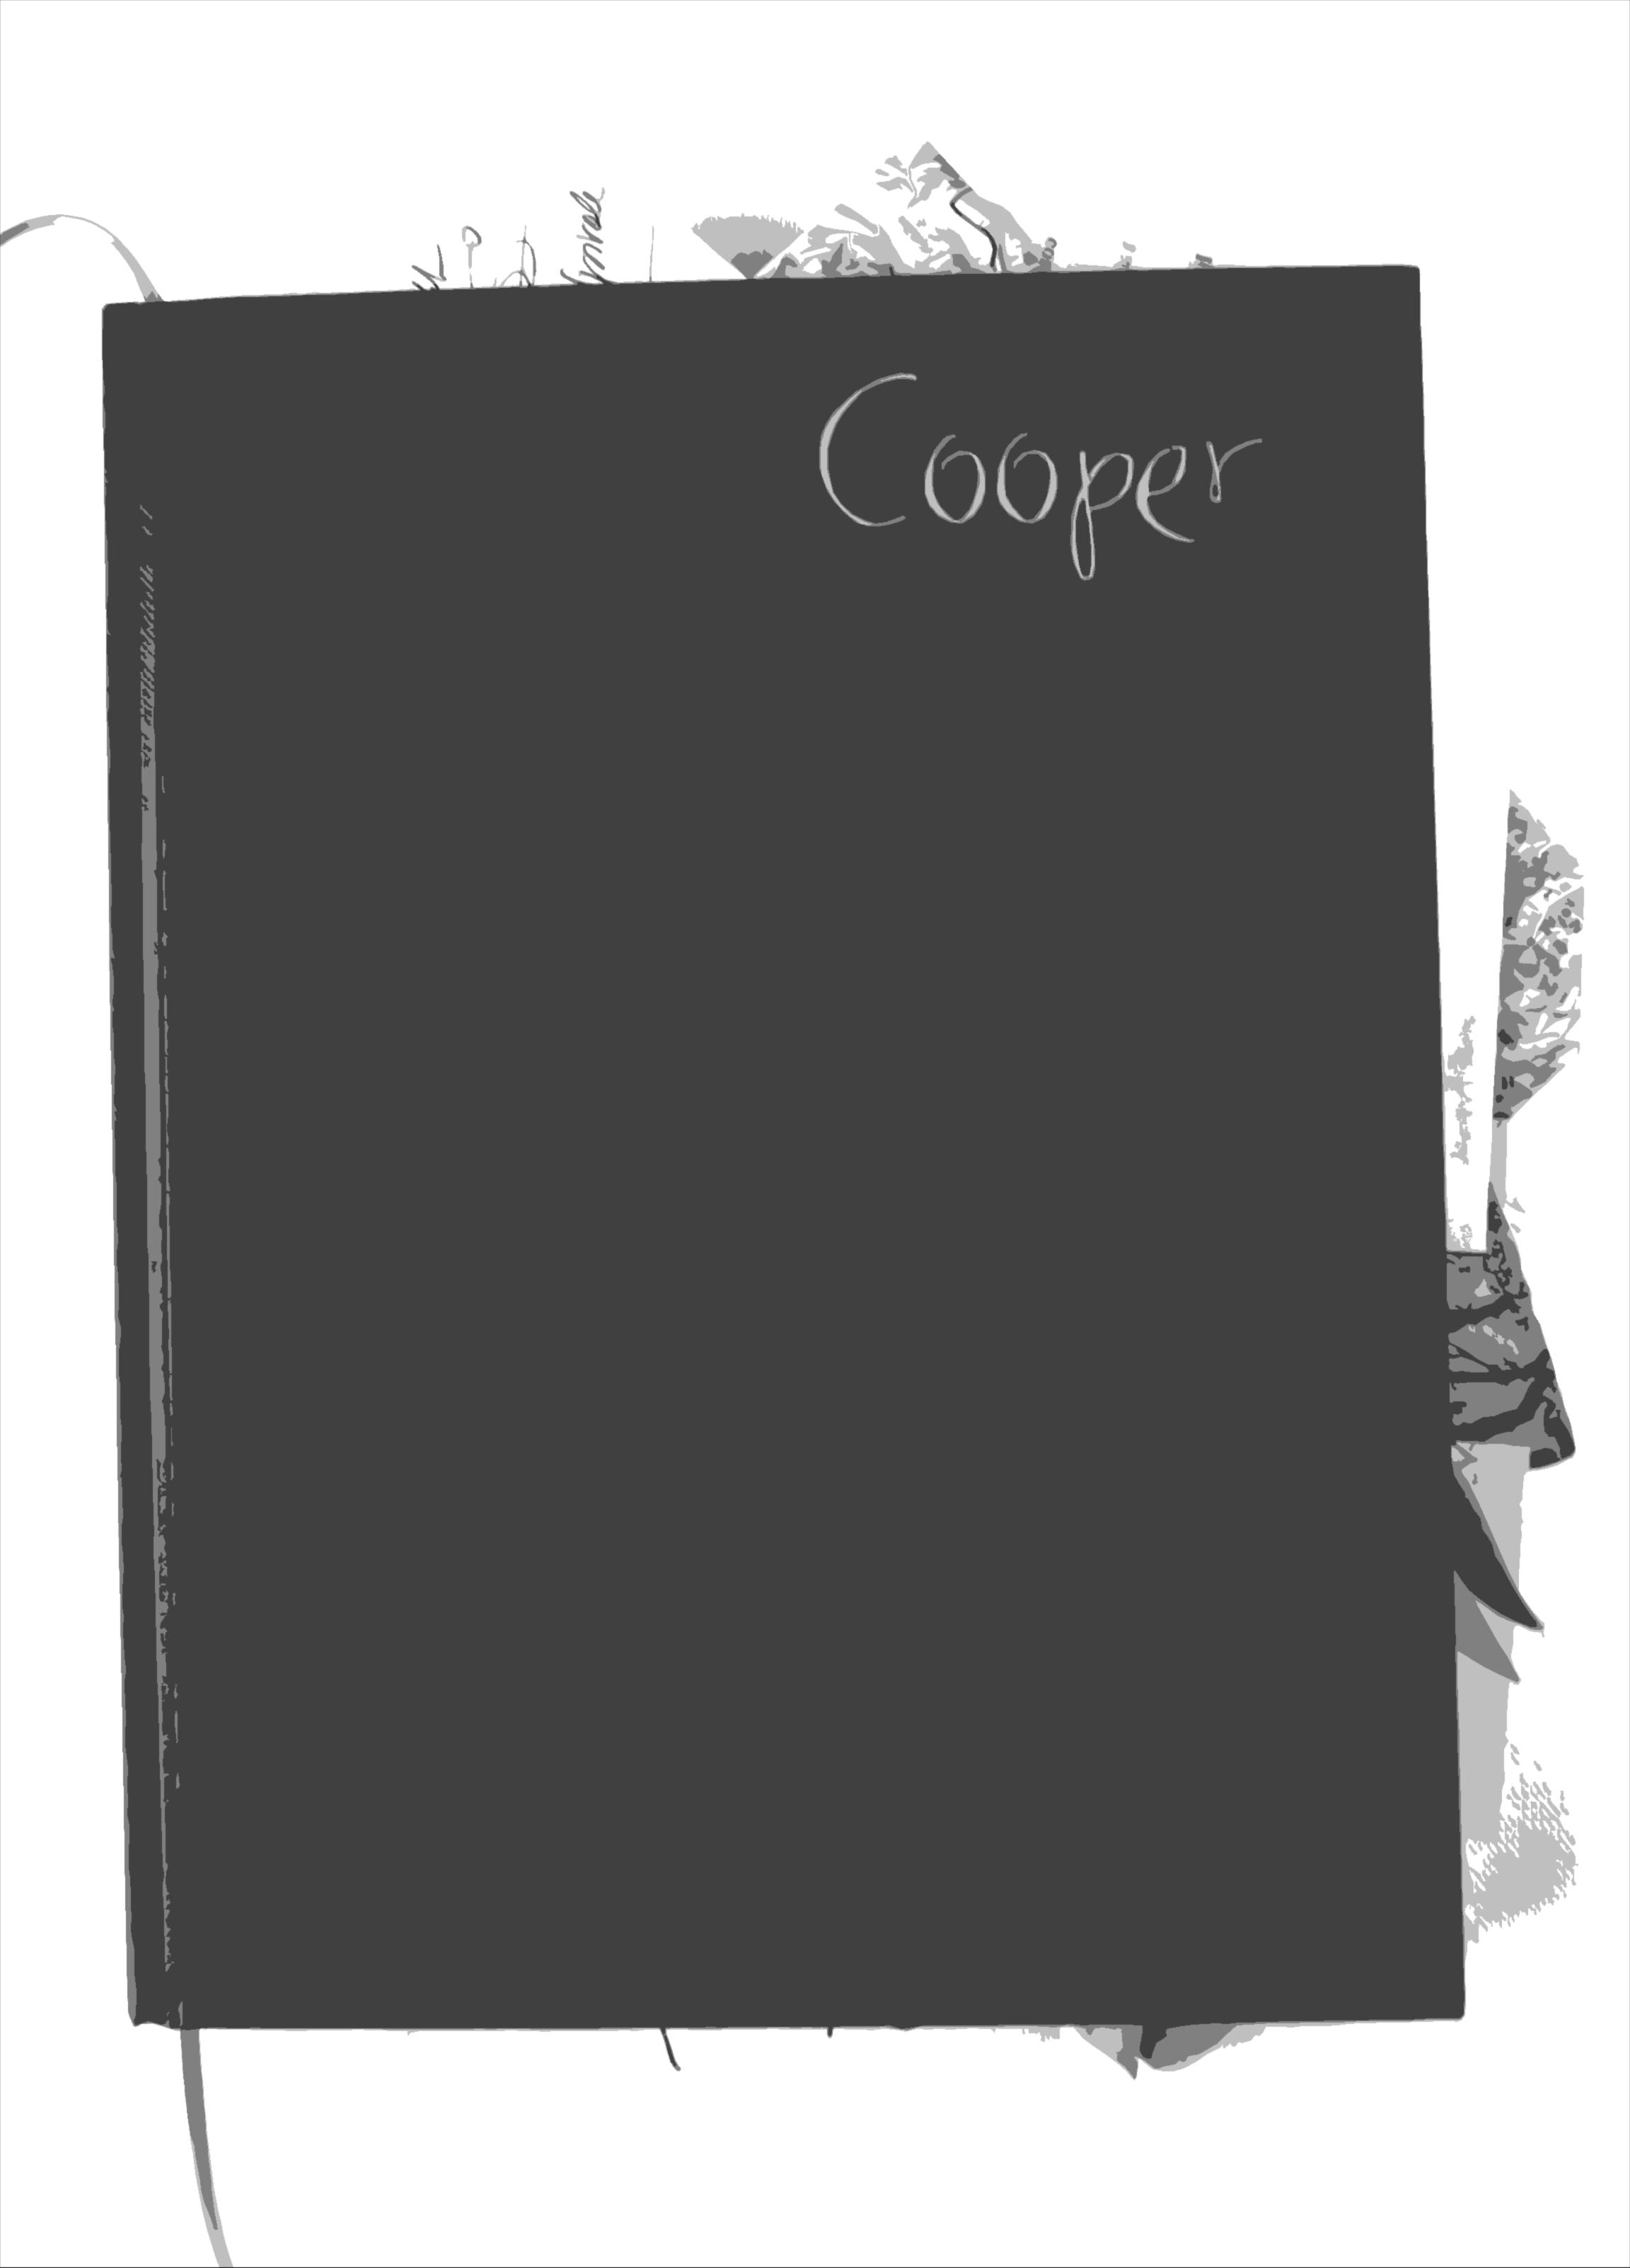 Coopers Reisetagebuch